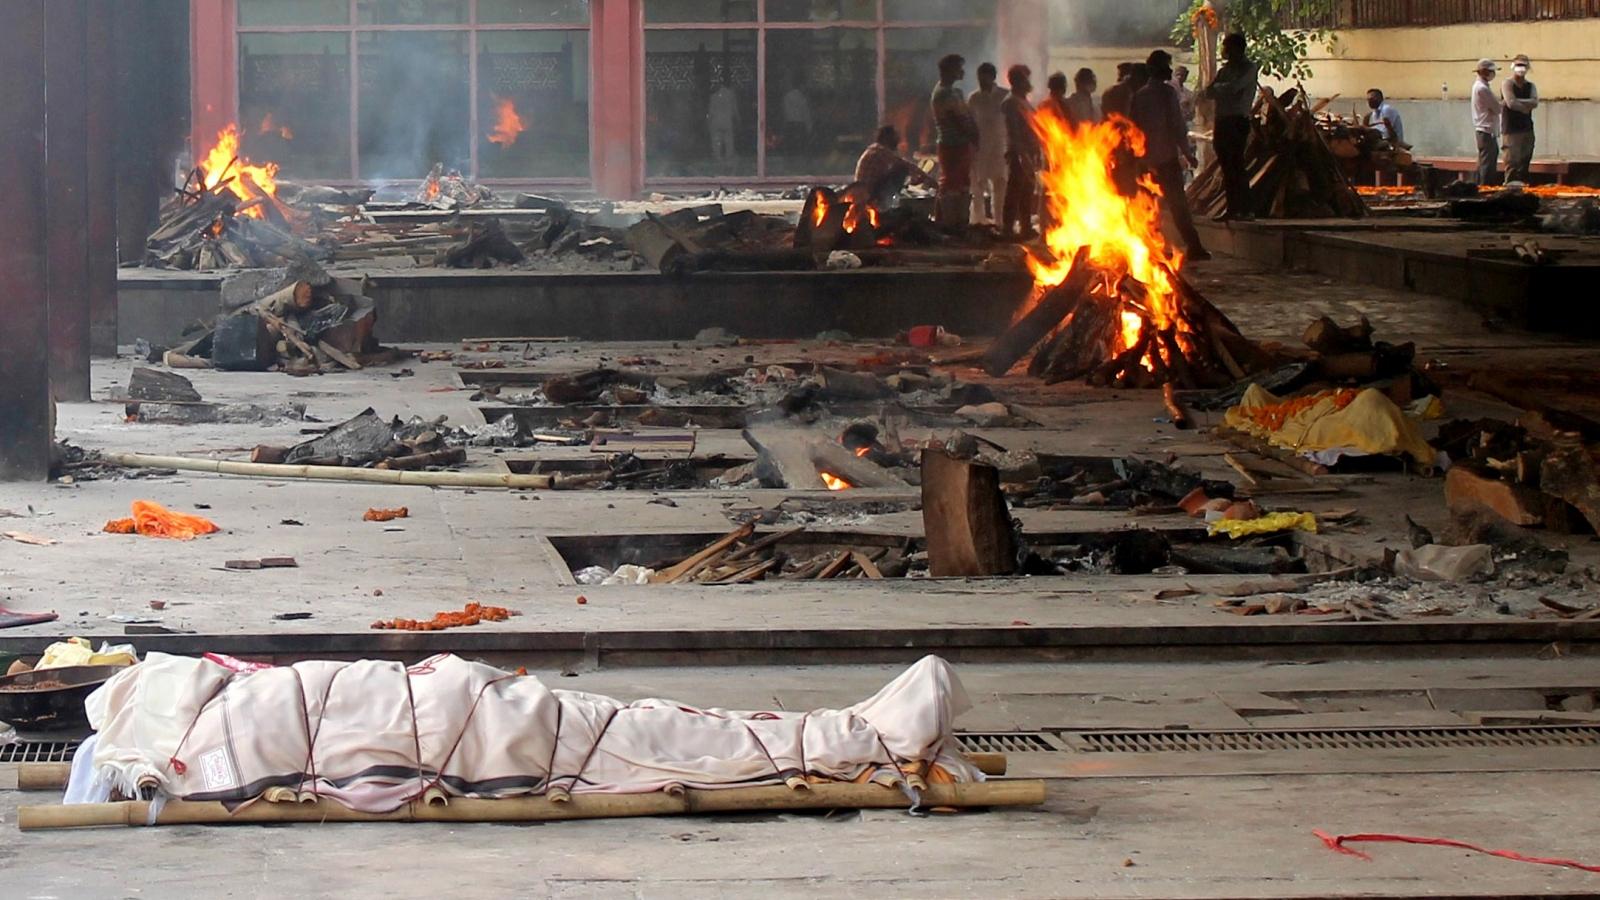 New Delhi (Ấn Độ) hỏa táng hơn 600 thi thể mỗi ngày, cao gấp đôi con số chính thức